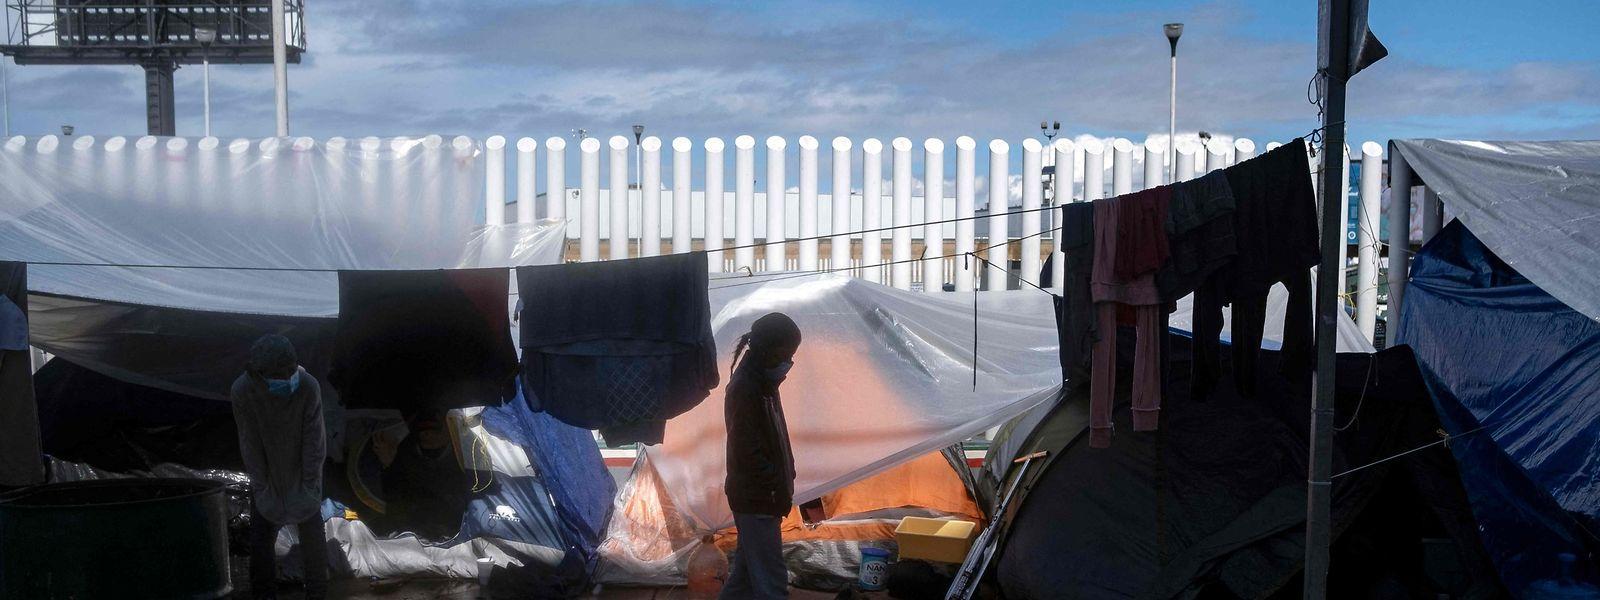 Die Situation in den überfüllten Flüchtlingscamps an der mexikanisch-US-amerikansichen Grenze ist äußerst angespannt.